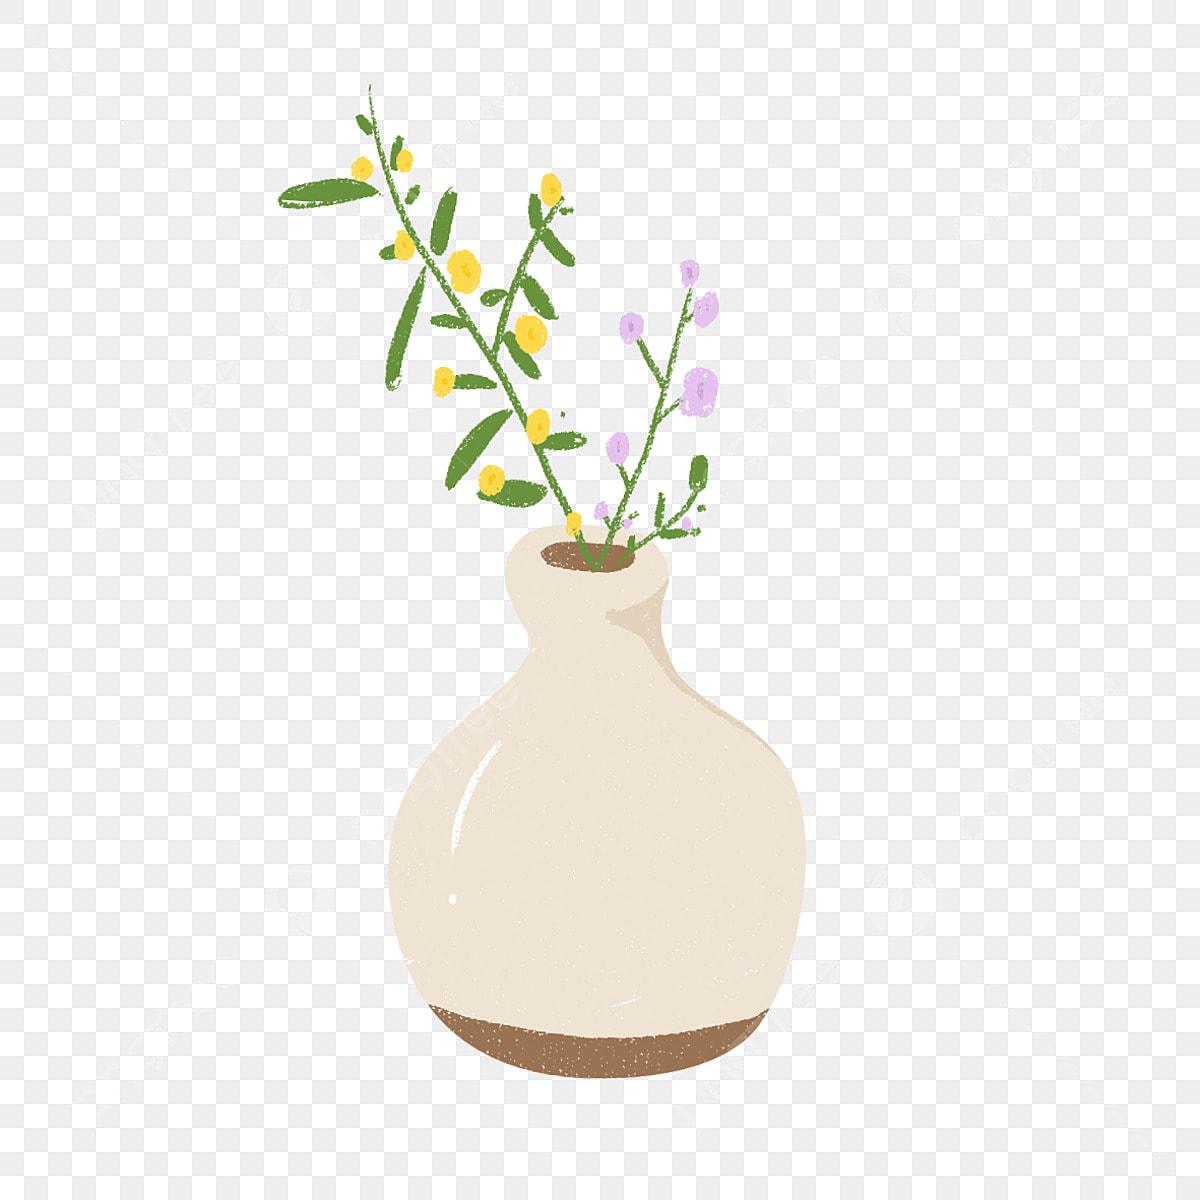 Mao Desenhada Caricatura Arranjo De Flores Vaso De Desenhos